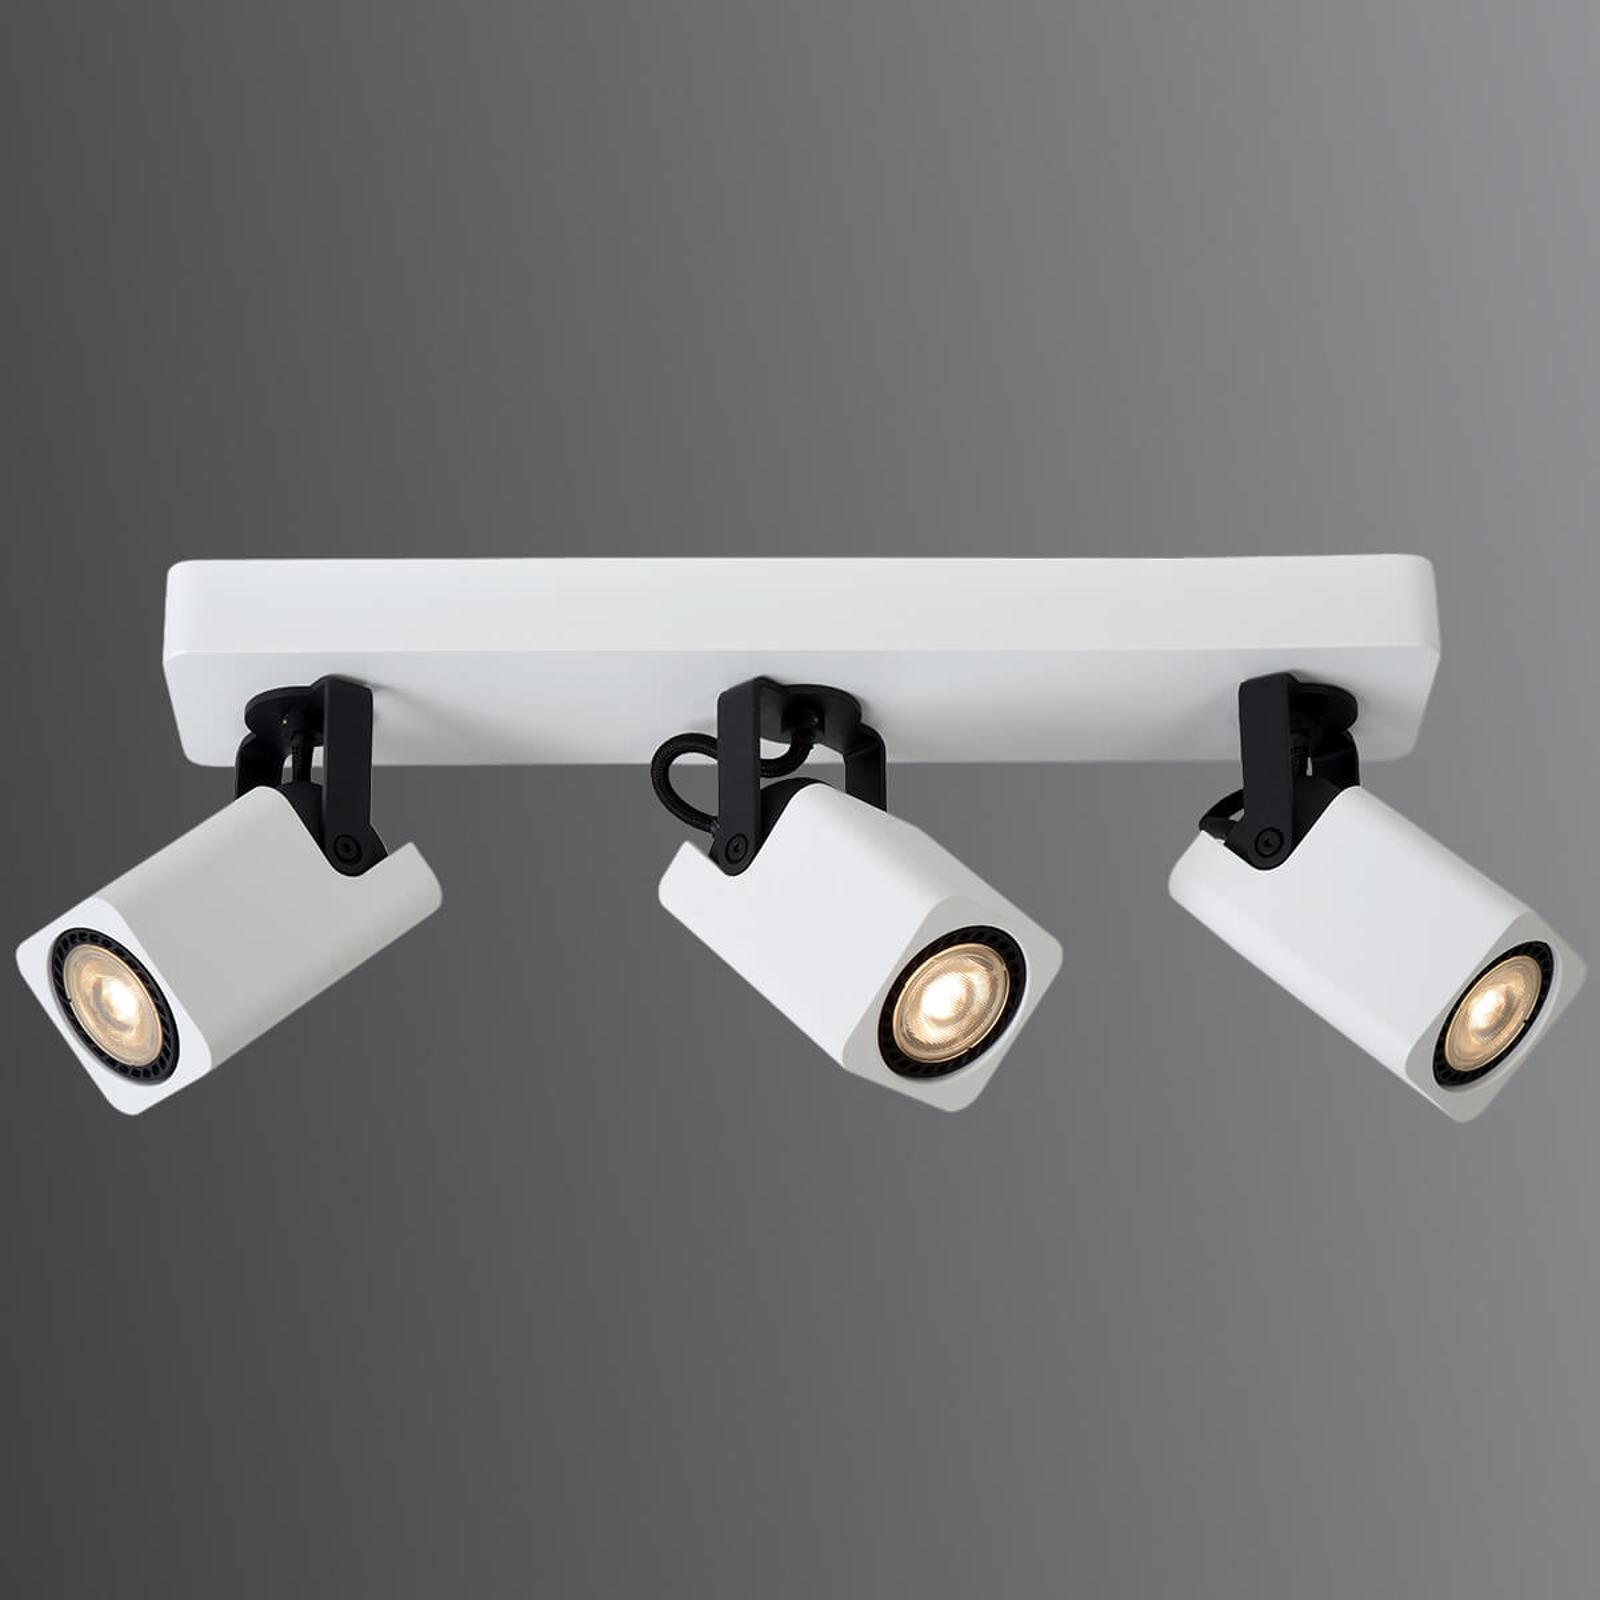 Weißer LED-Deckenstrahler Roax, 3-flammig